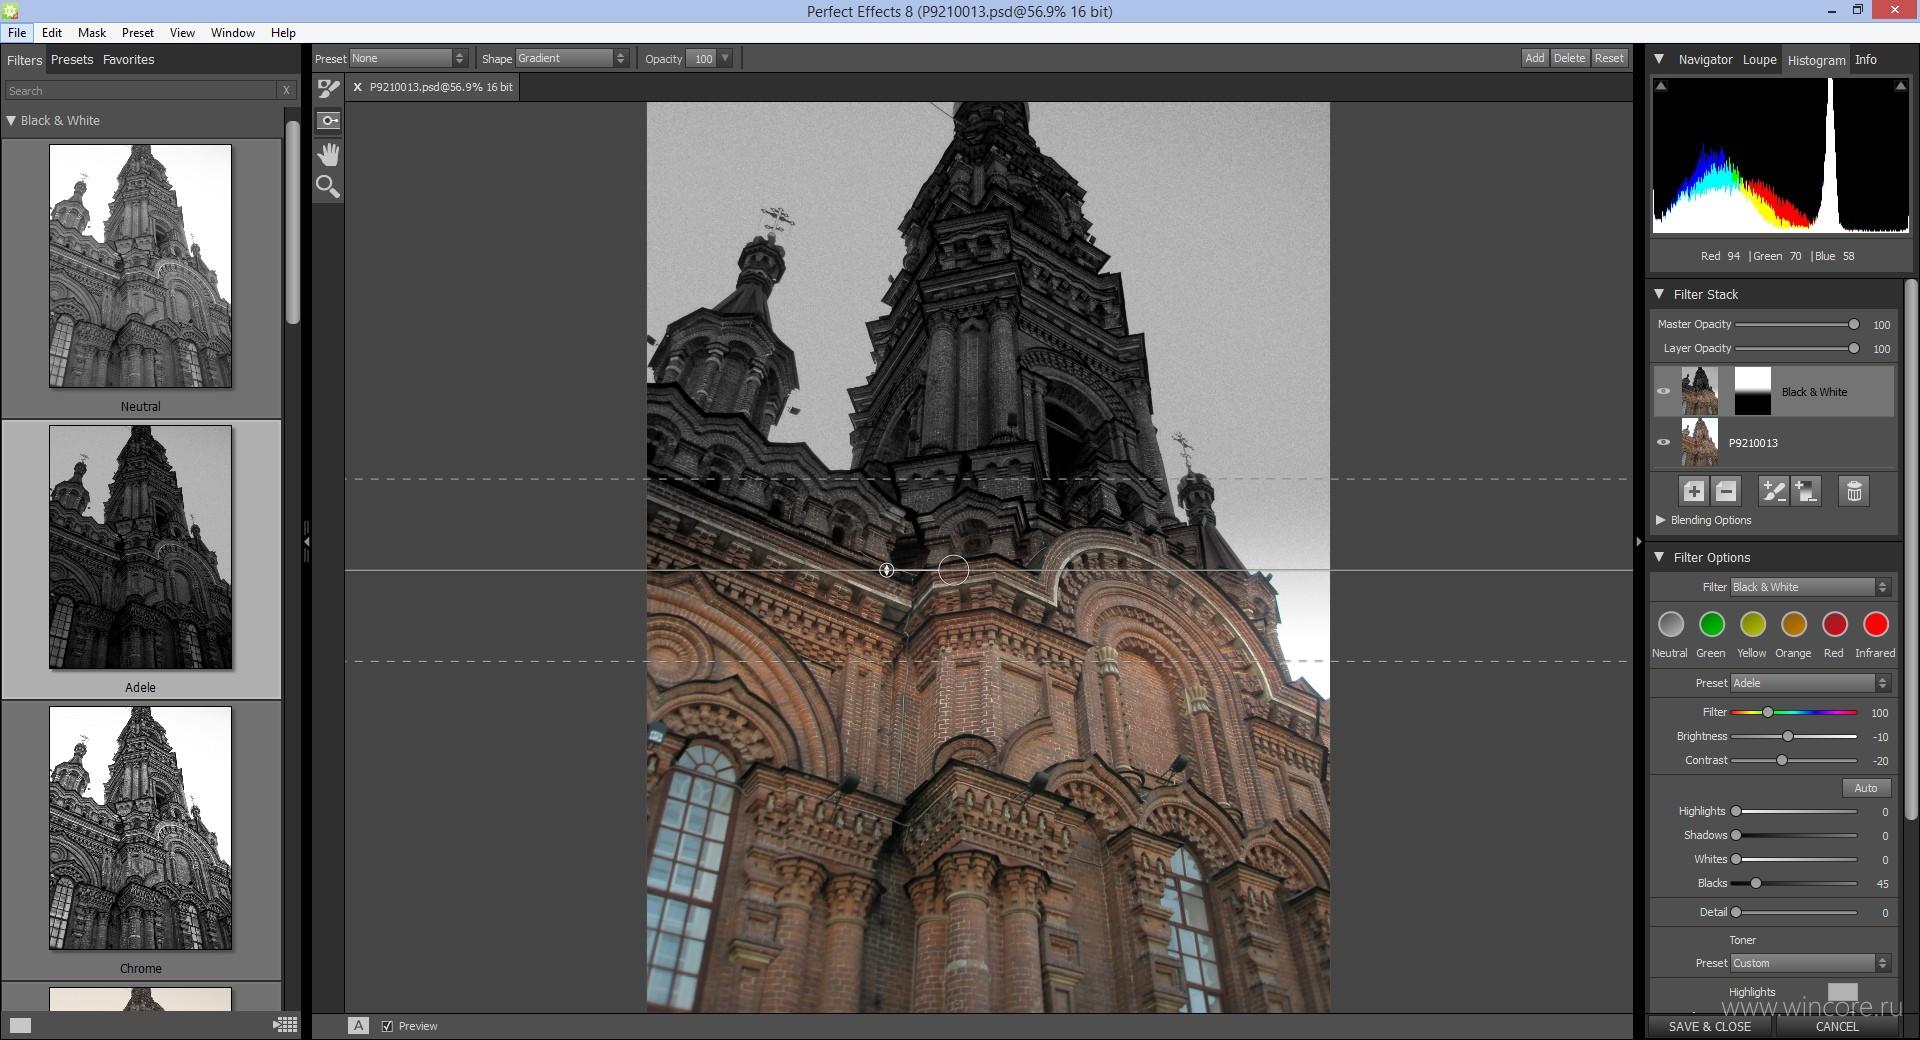 программа для обработки фотографий для инстаграма